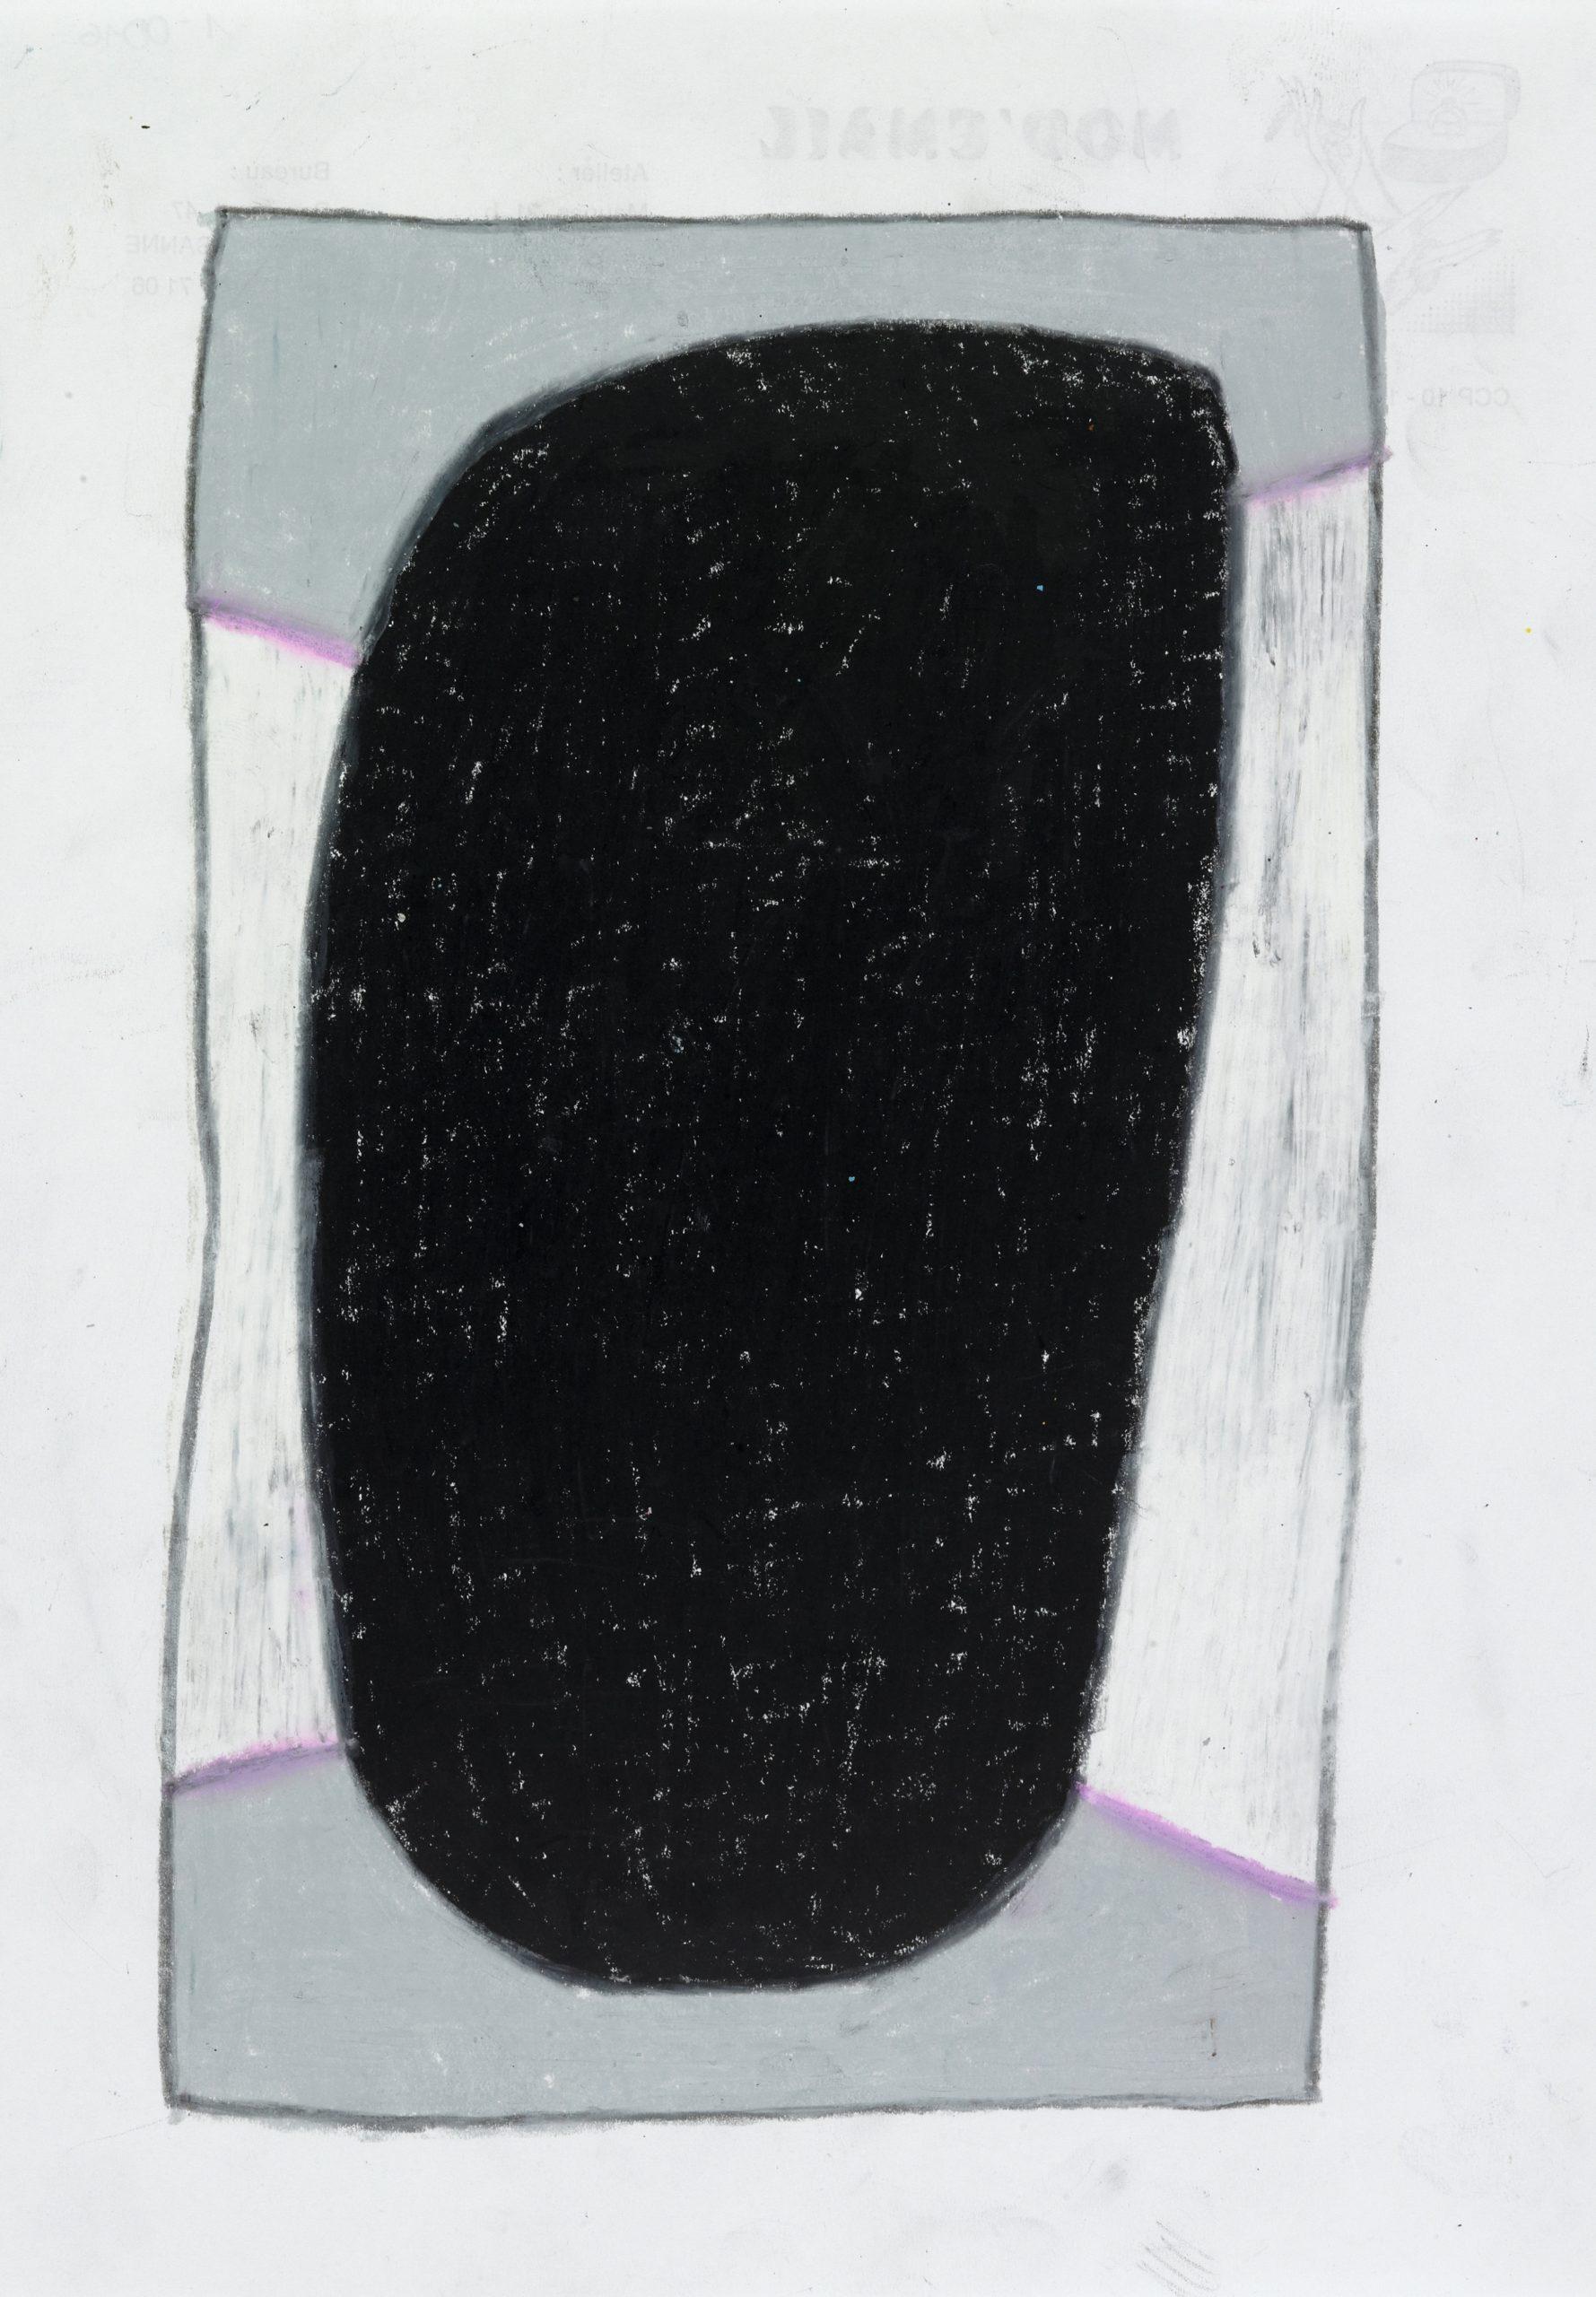 kocher pierre - Ohne Titel / Untitled